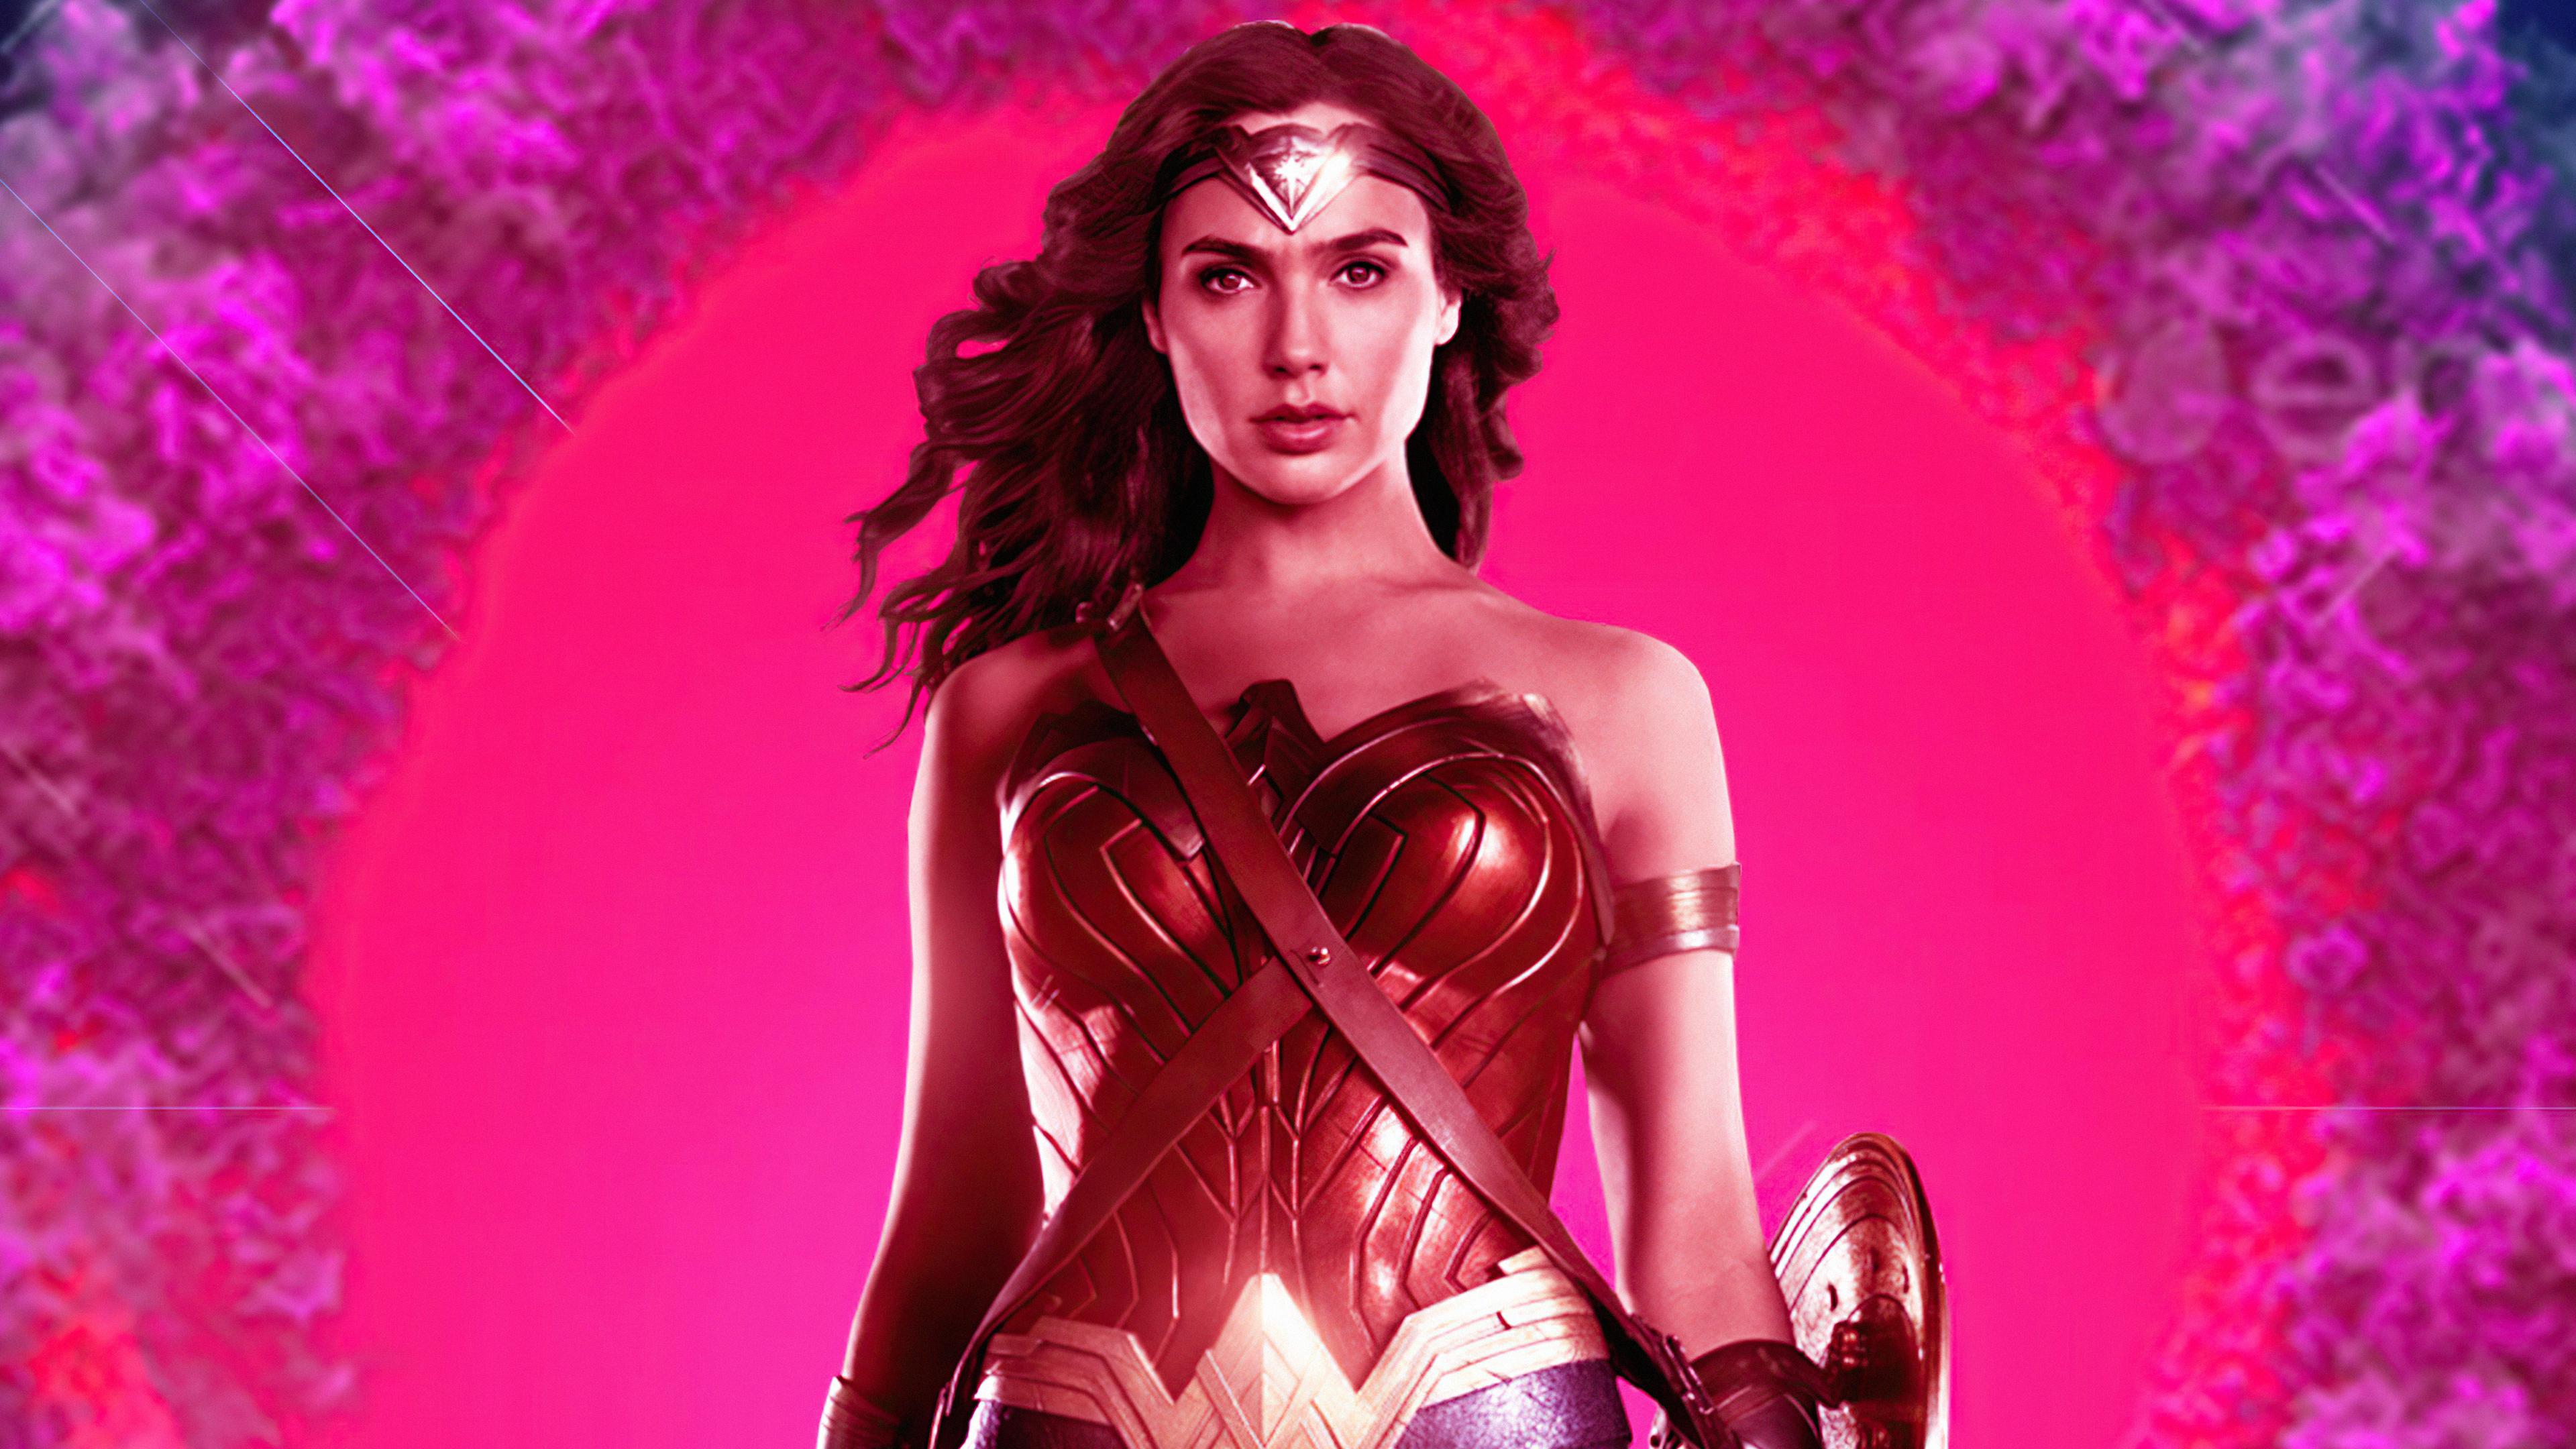 Wallpaper Wonder Woman 84 Retro